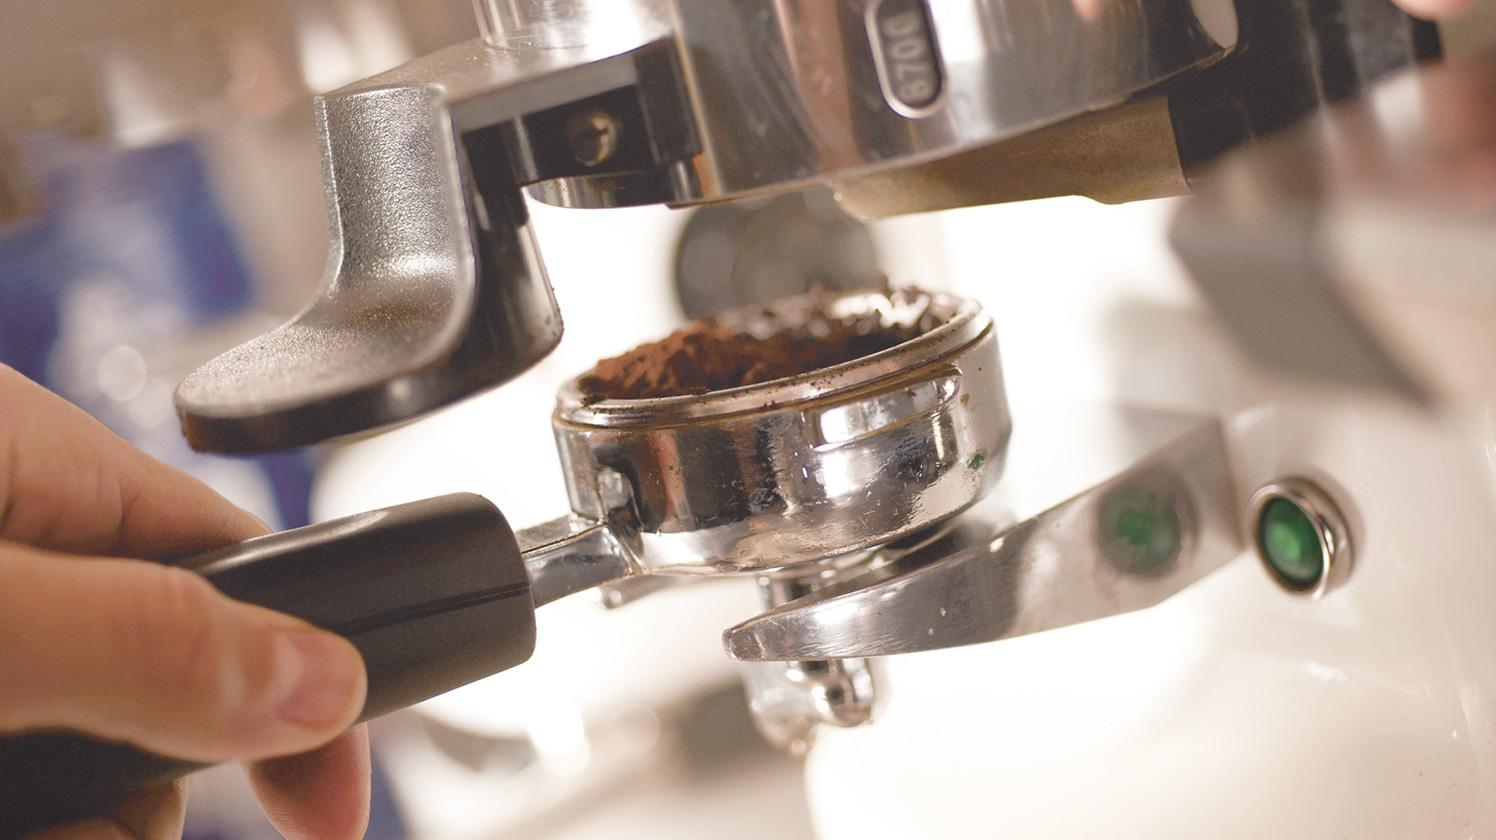 Filtro BRITA AquaAroma Crema preparación de café